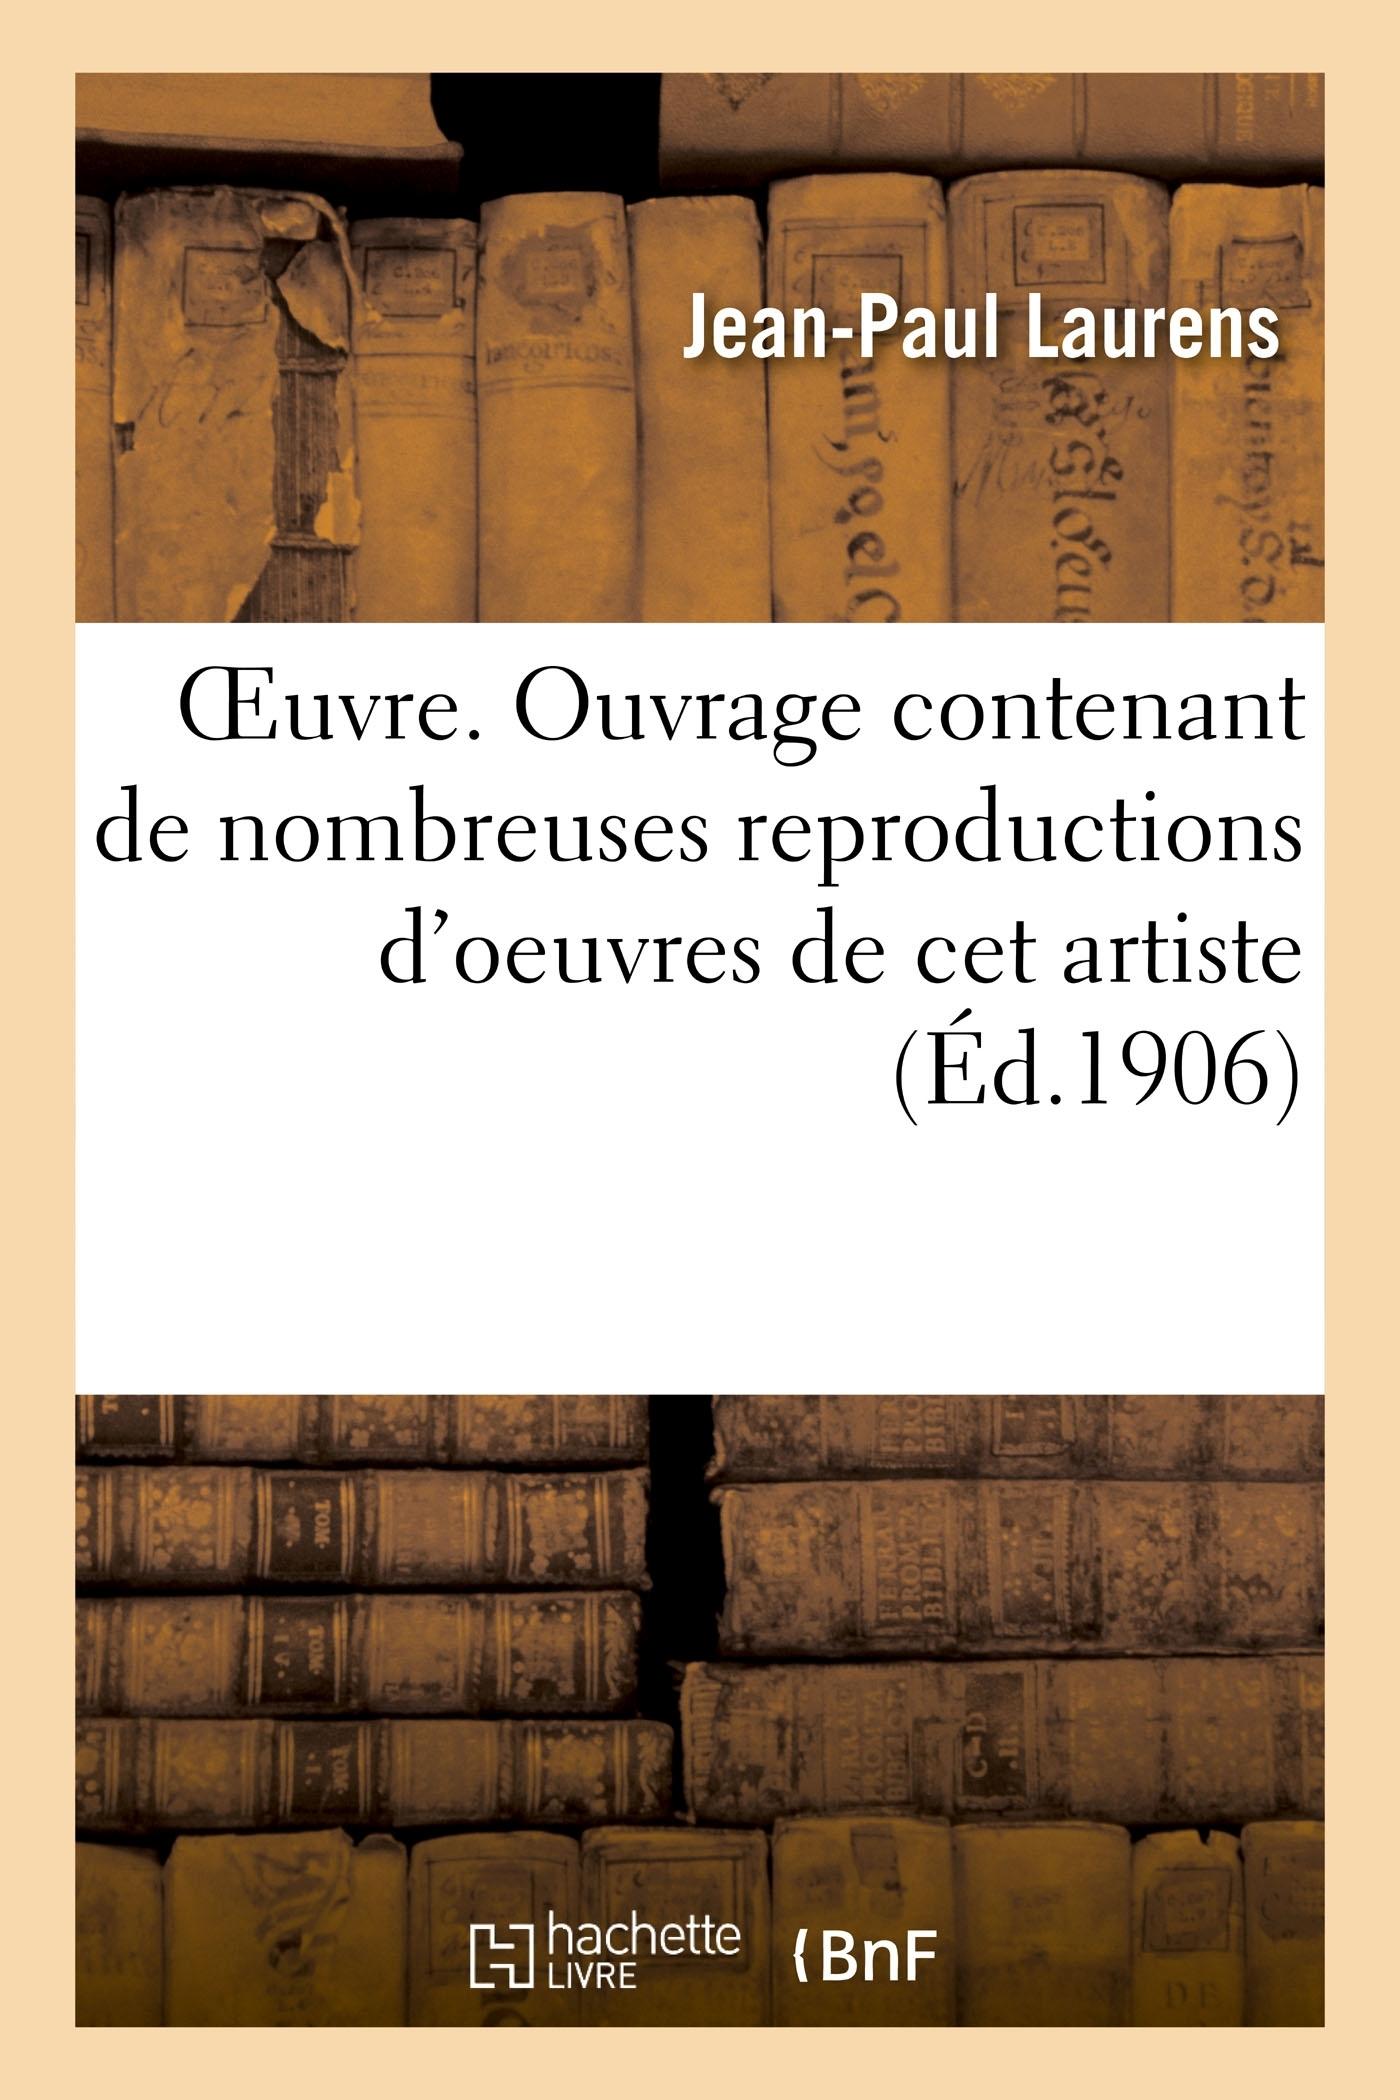 OEUVRE. OUVRAGE CONTENANT DE NOMBREUSES REPRODUCTIONS D'OEUVRES DE CET ARTISTE